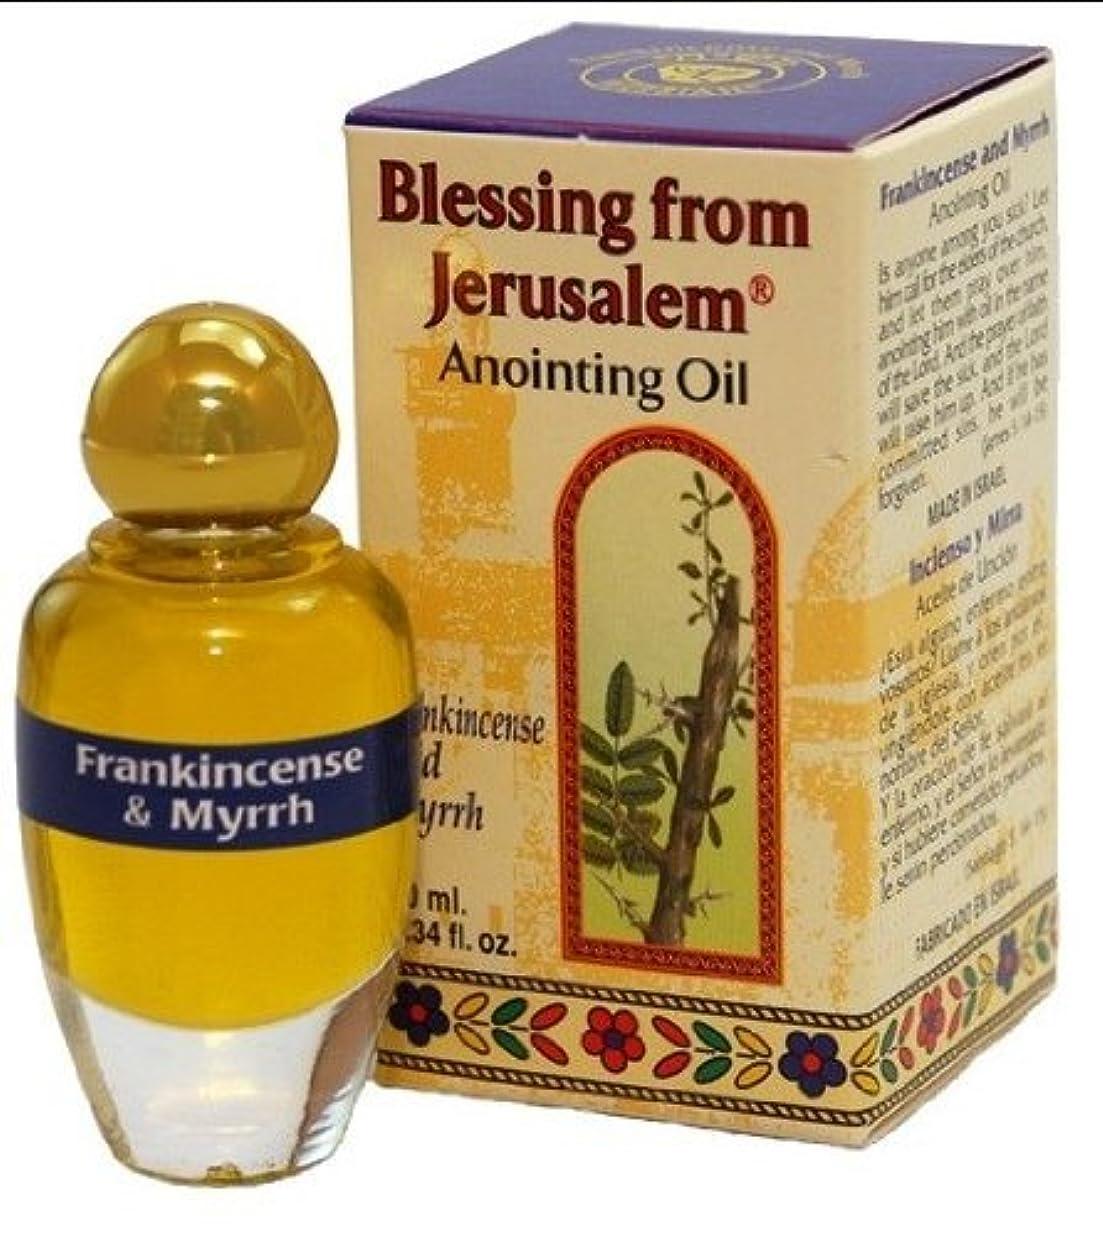 きしむできないドレインFrankincense and MyrrhエルサレムAnointingオイル0.34 FLオンスからThe Land of the Bible byベツレヘムギフトTM